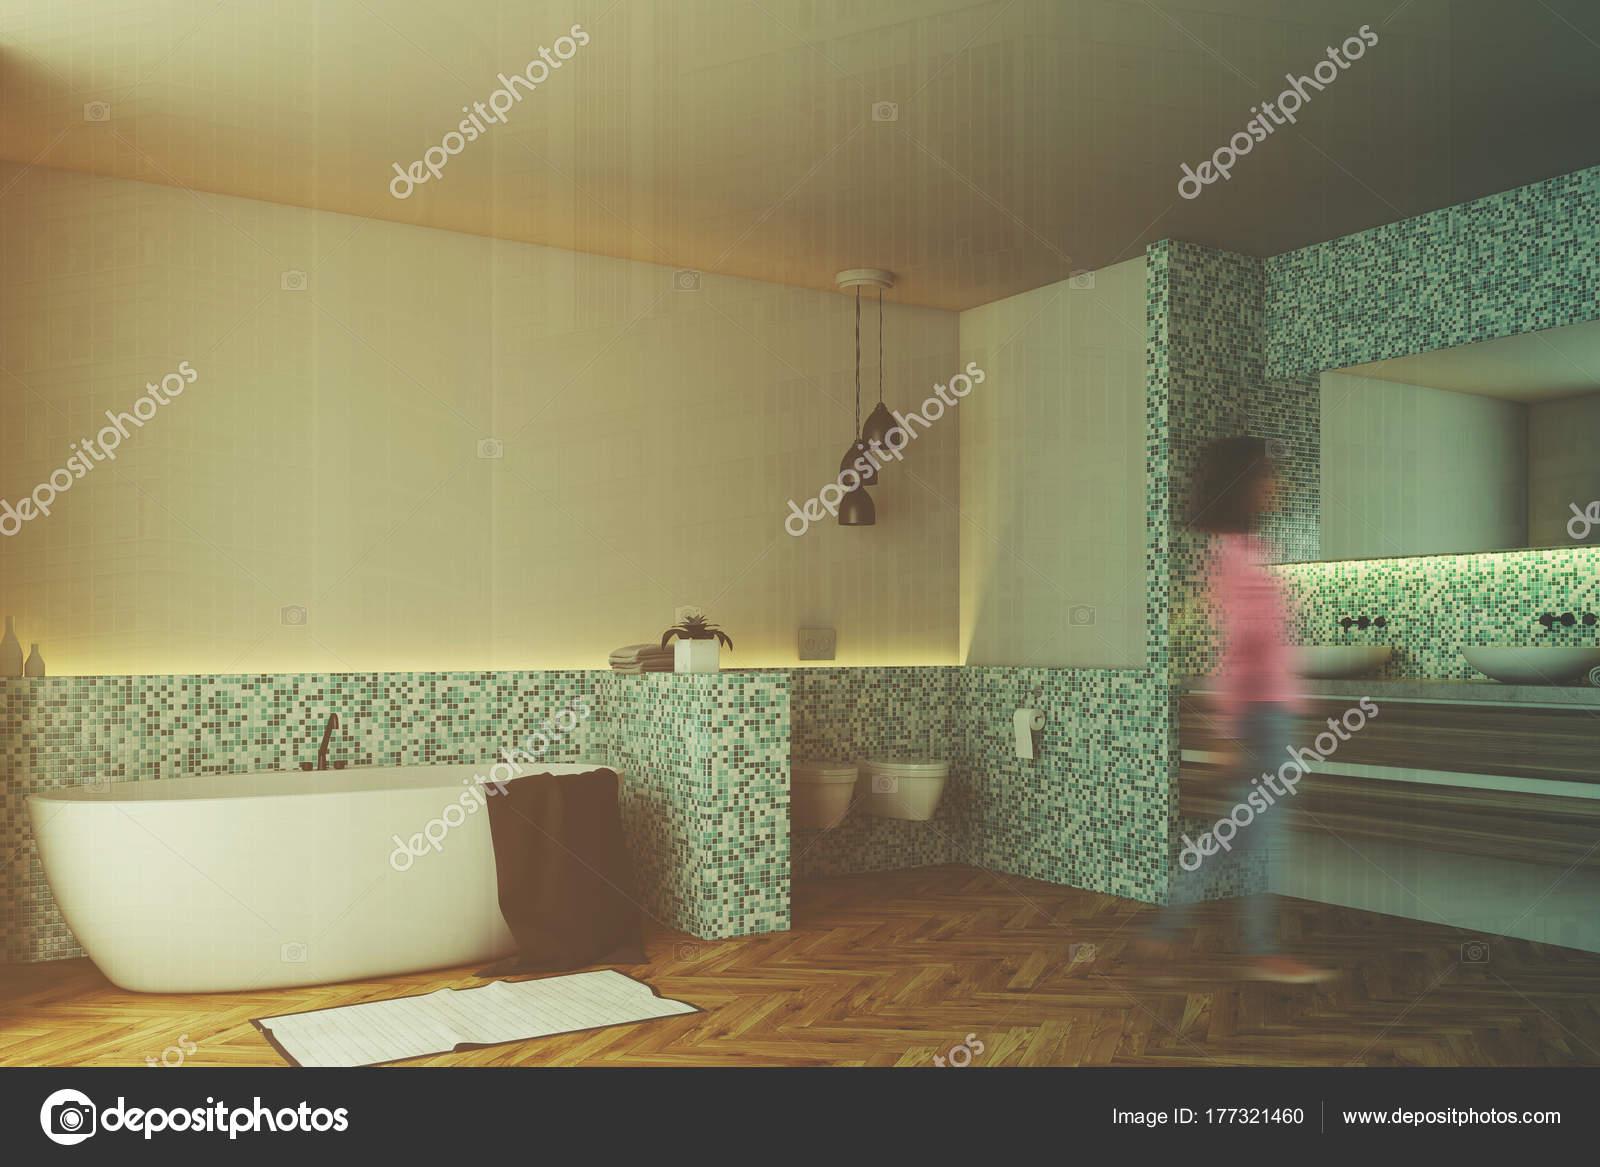 Mattonelle Bagno Verde Acqua : Verde delle mattonelle bagno e wc angolo di sfocatura u foto